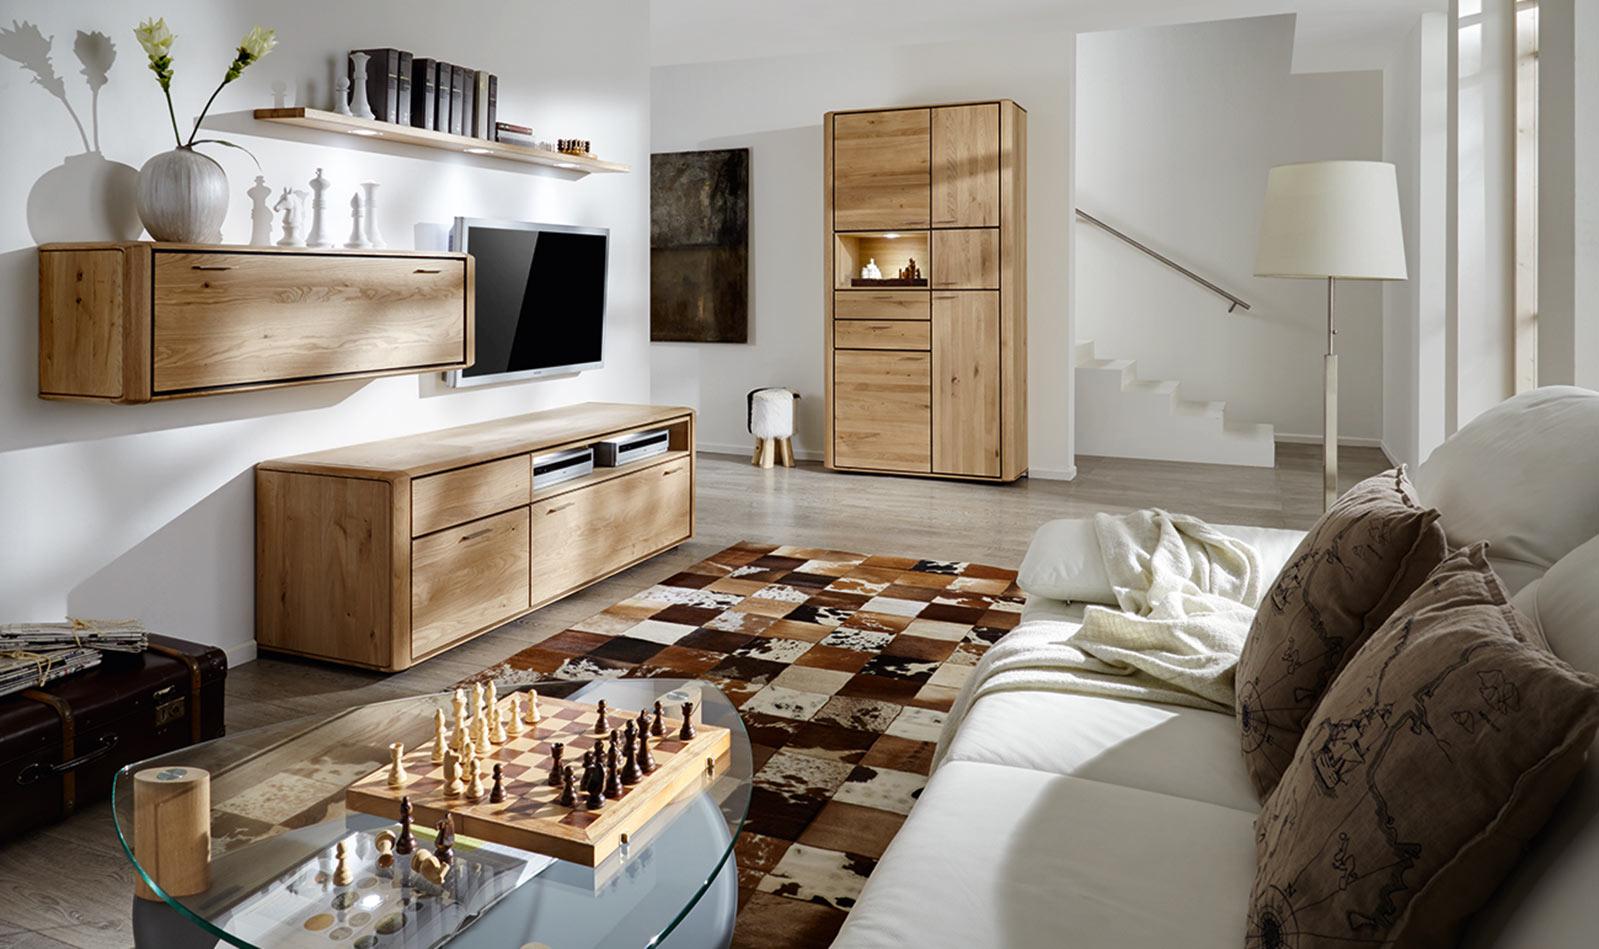 emilio programme wohnzimmer venjakob m bel. Black Bedroom Furniture Sets. Home Design Ideas